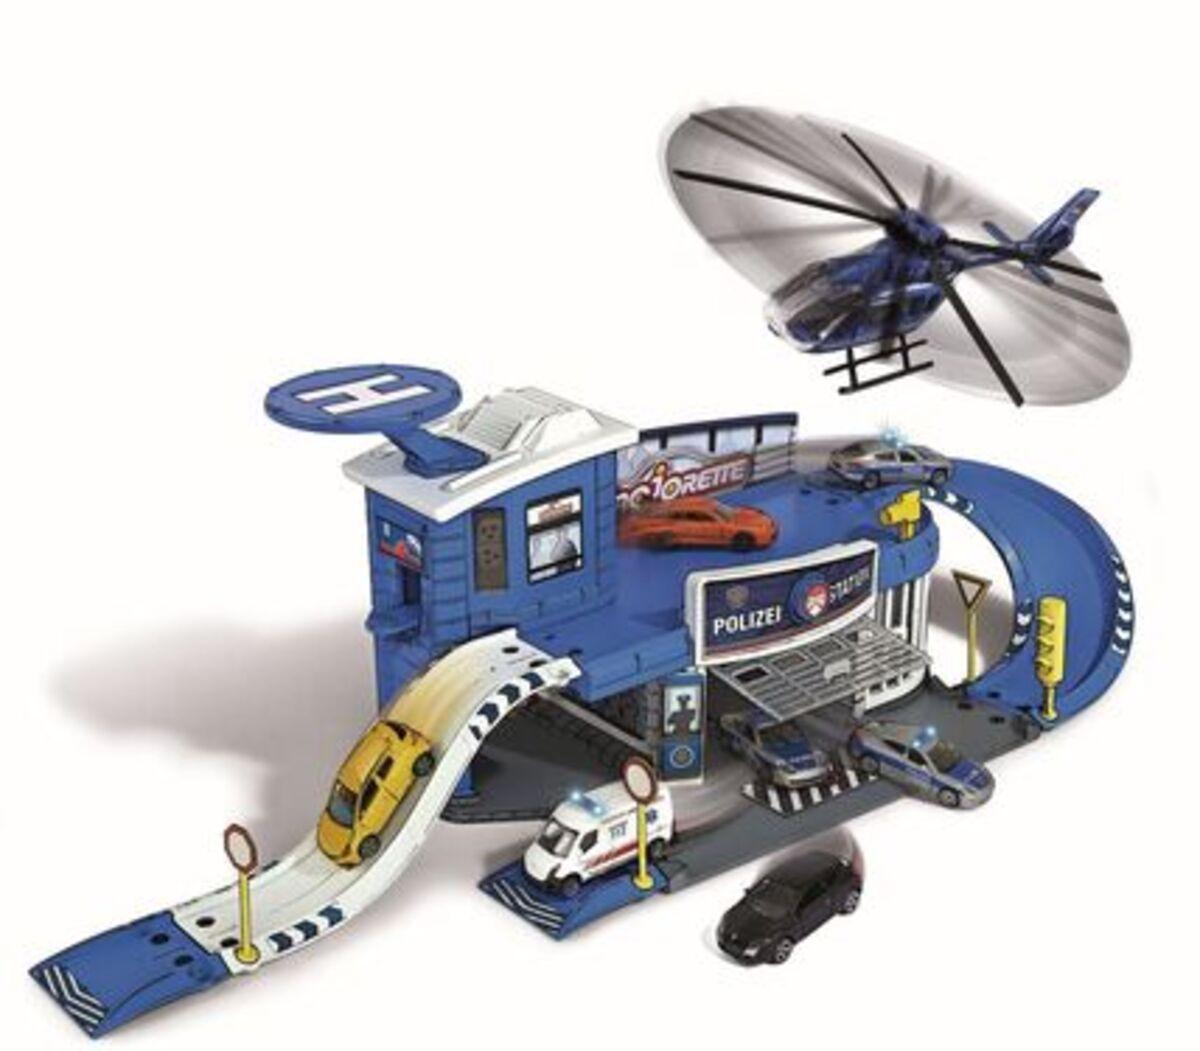 Bild 3 von Dickie Toys Creatix Polizei Station + 1 Car